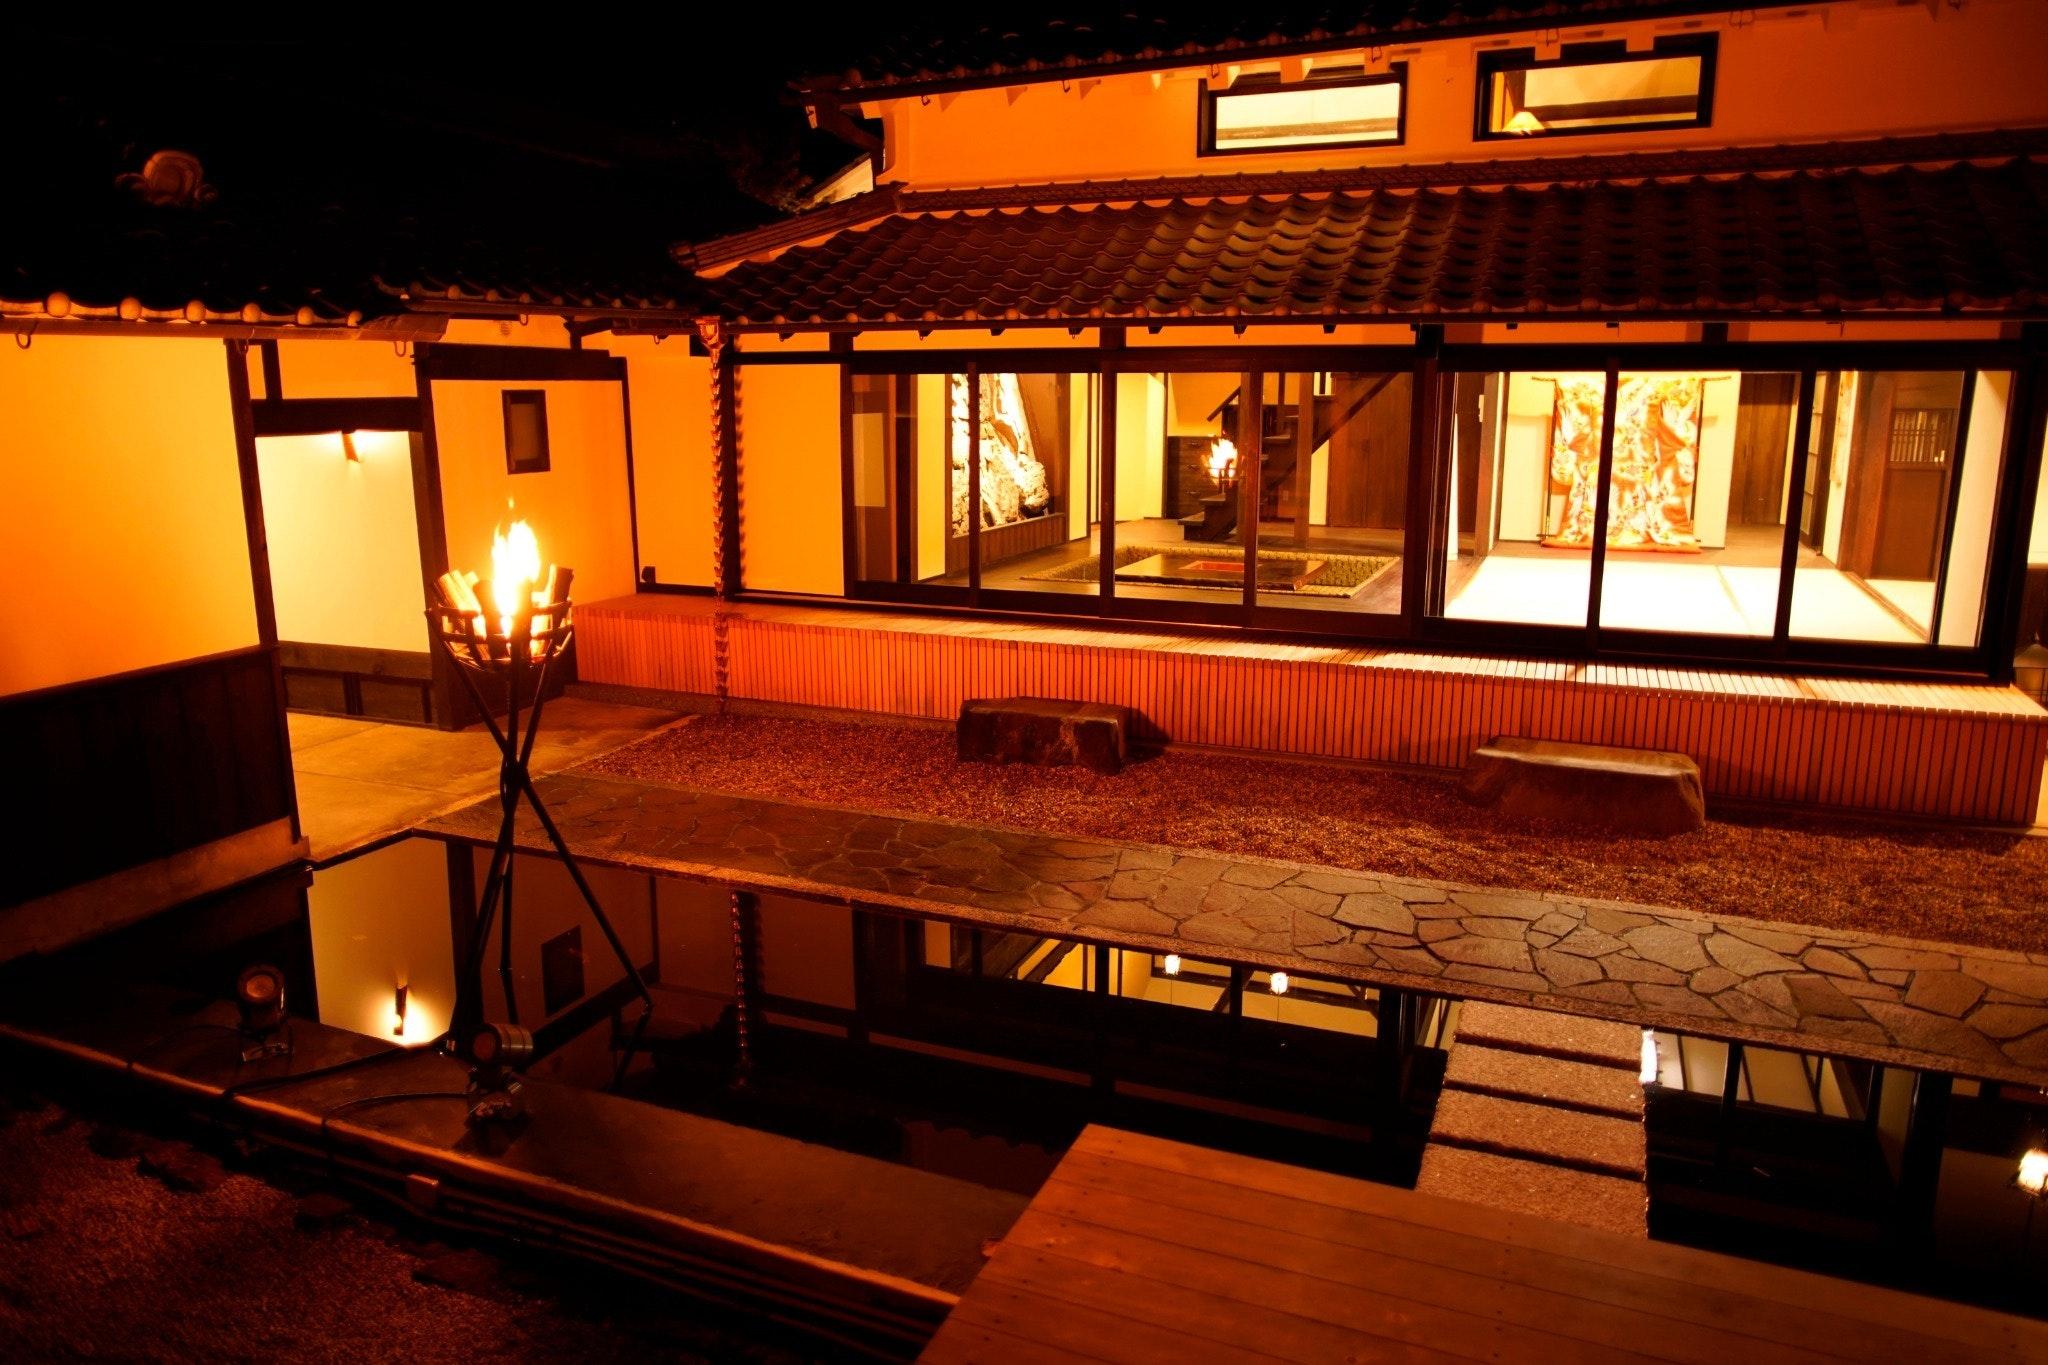 【朝食付き】1日1組限定で完全プライベートな空間で、江戸時代の武家屋敷かのような施設